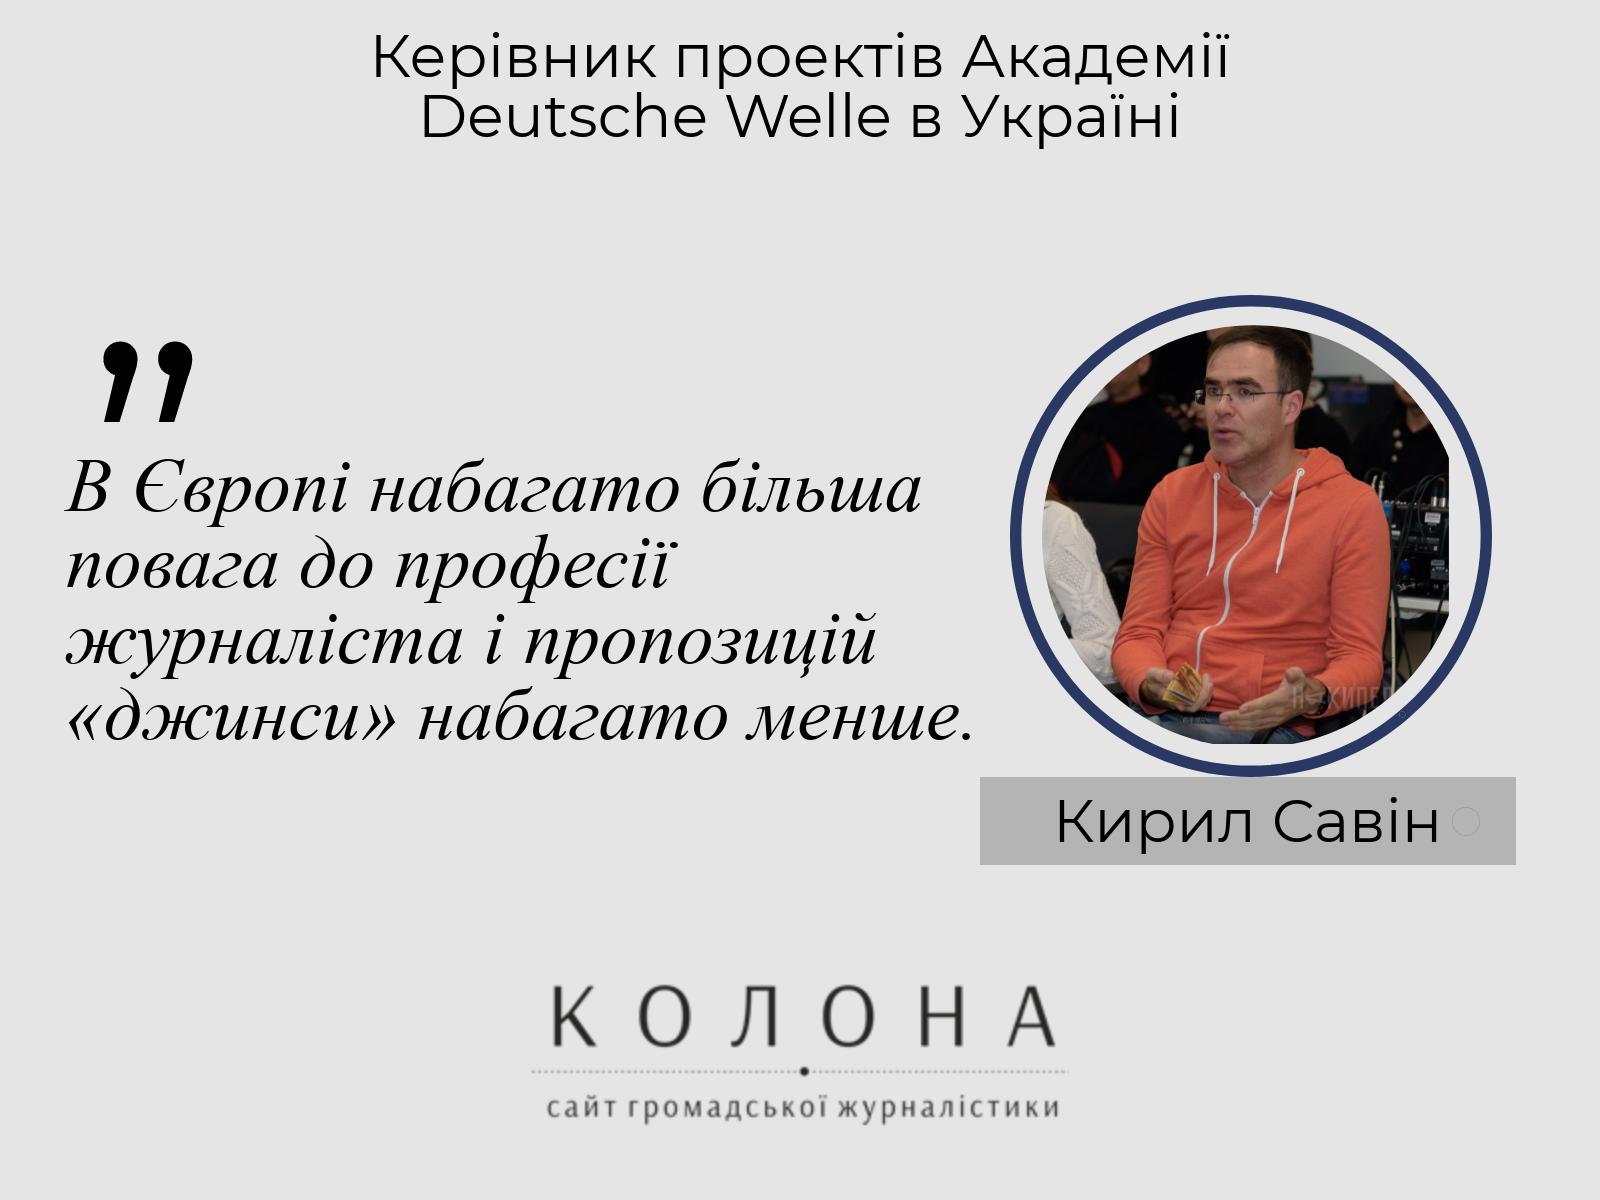 Кирил Савін